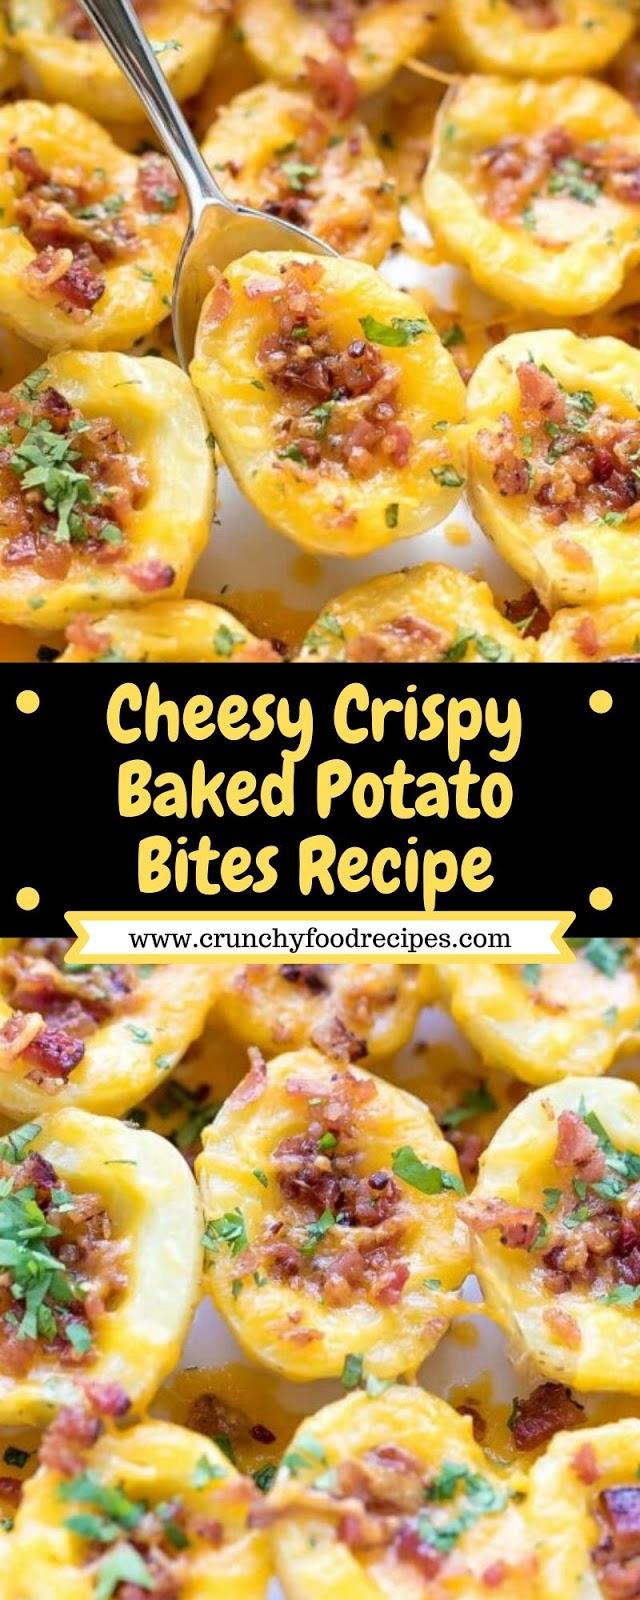 Cheesy Crispy Baked Potato Bites Recipe